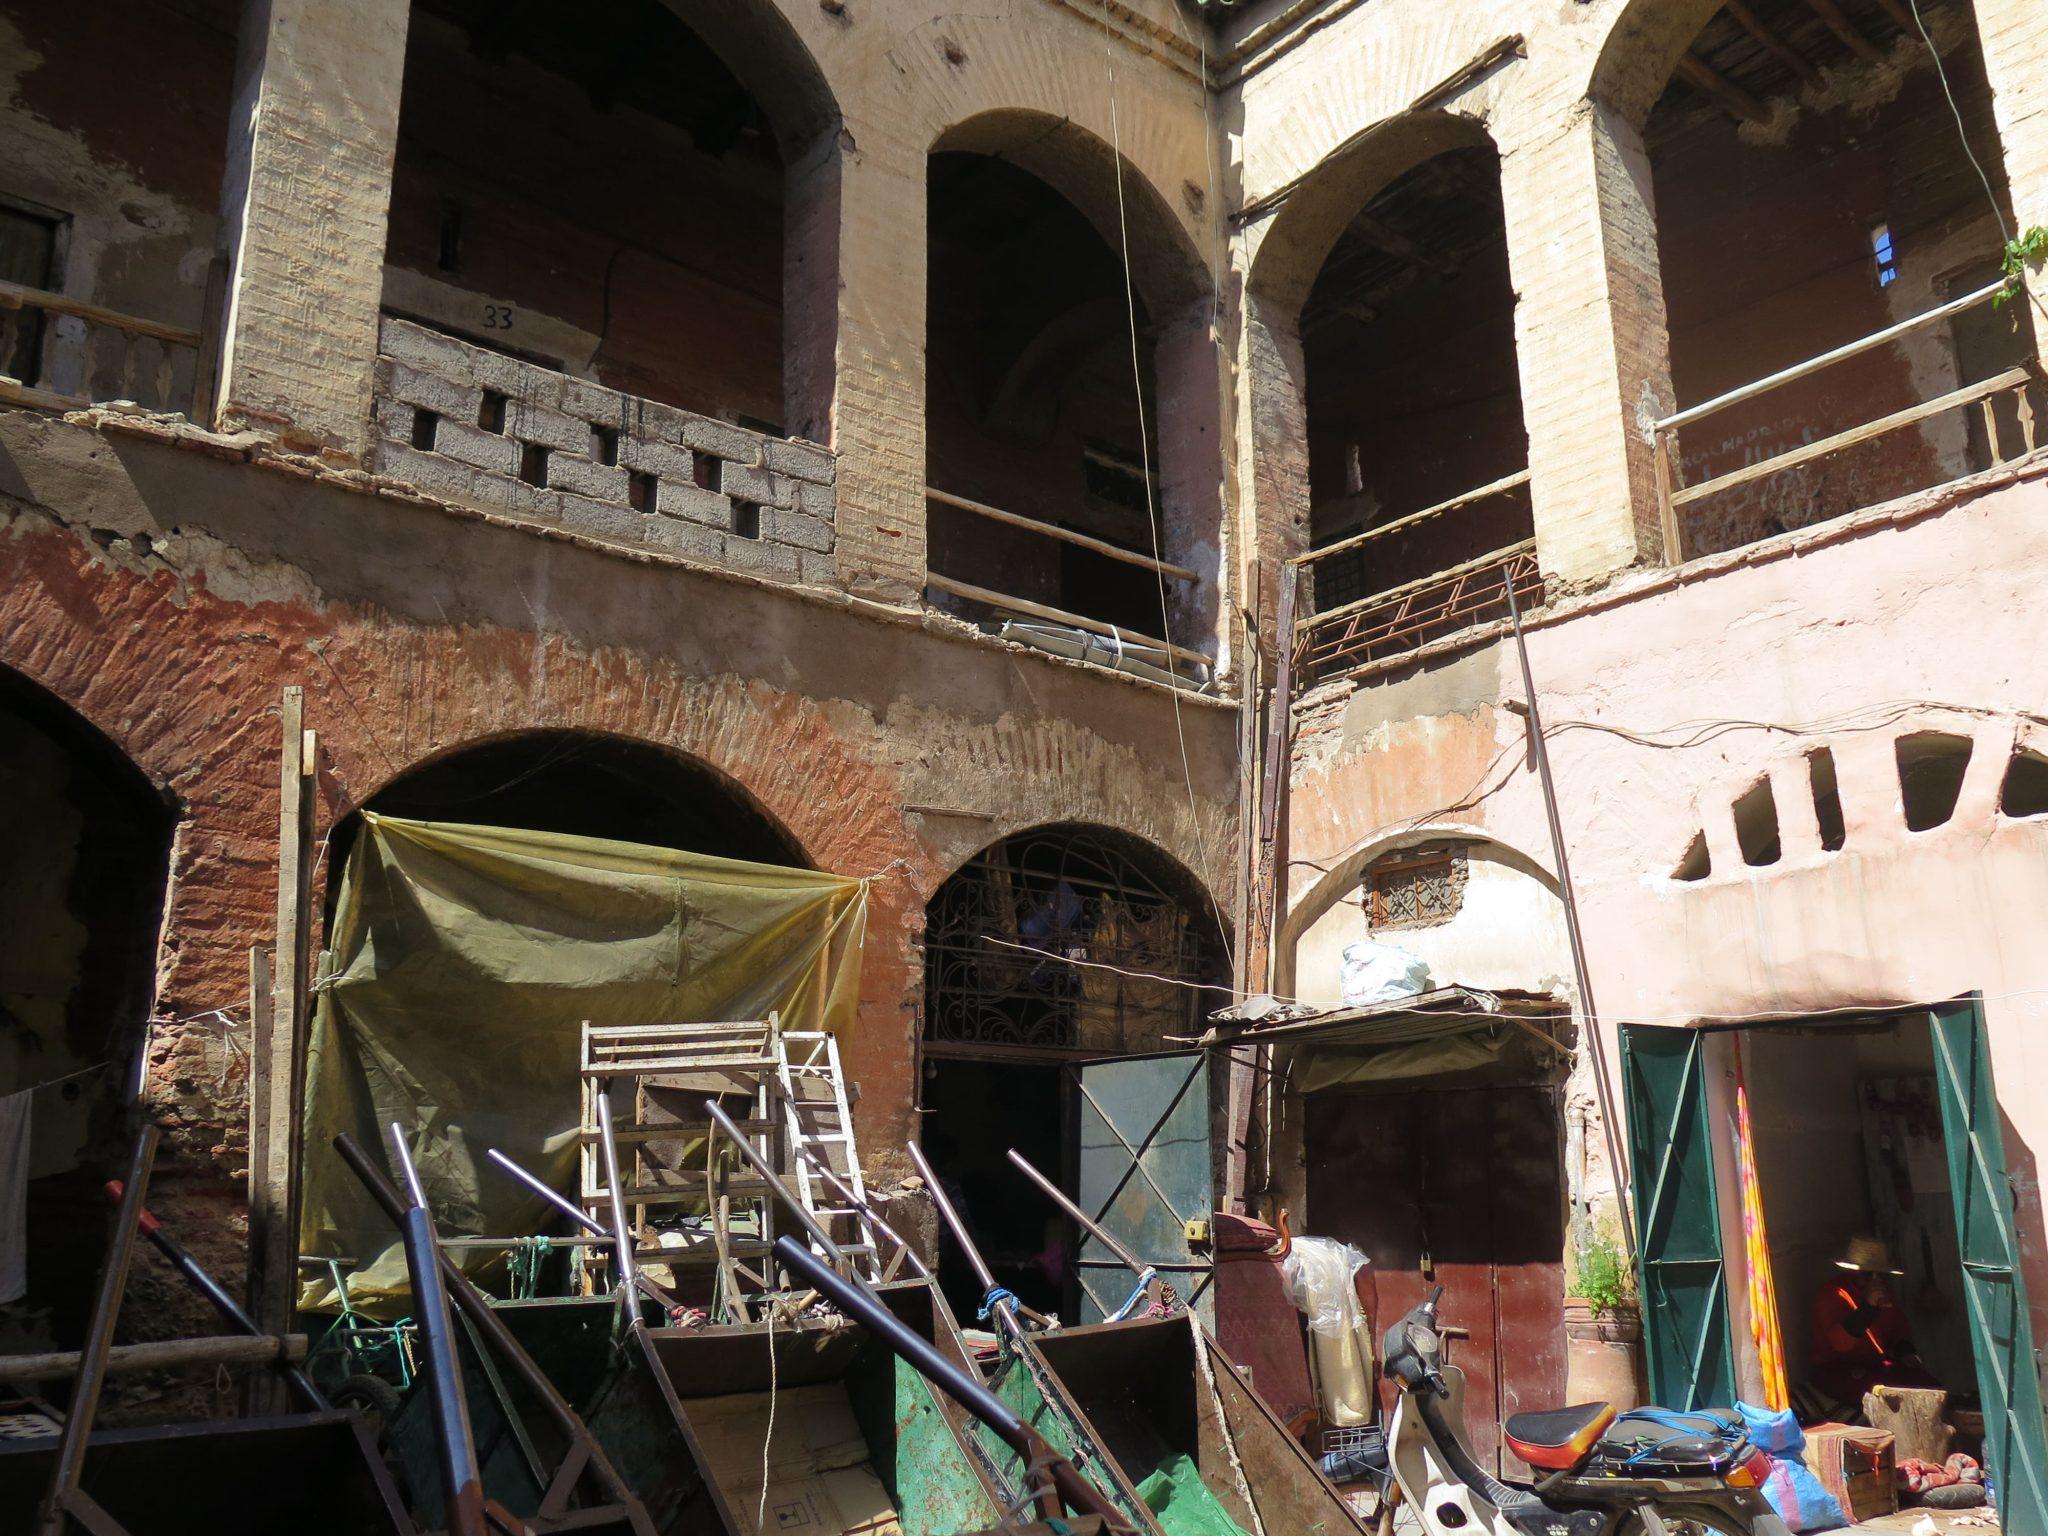 Caravasar en Marrakech dedicado a vivienda y almacenes